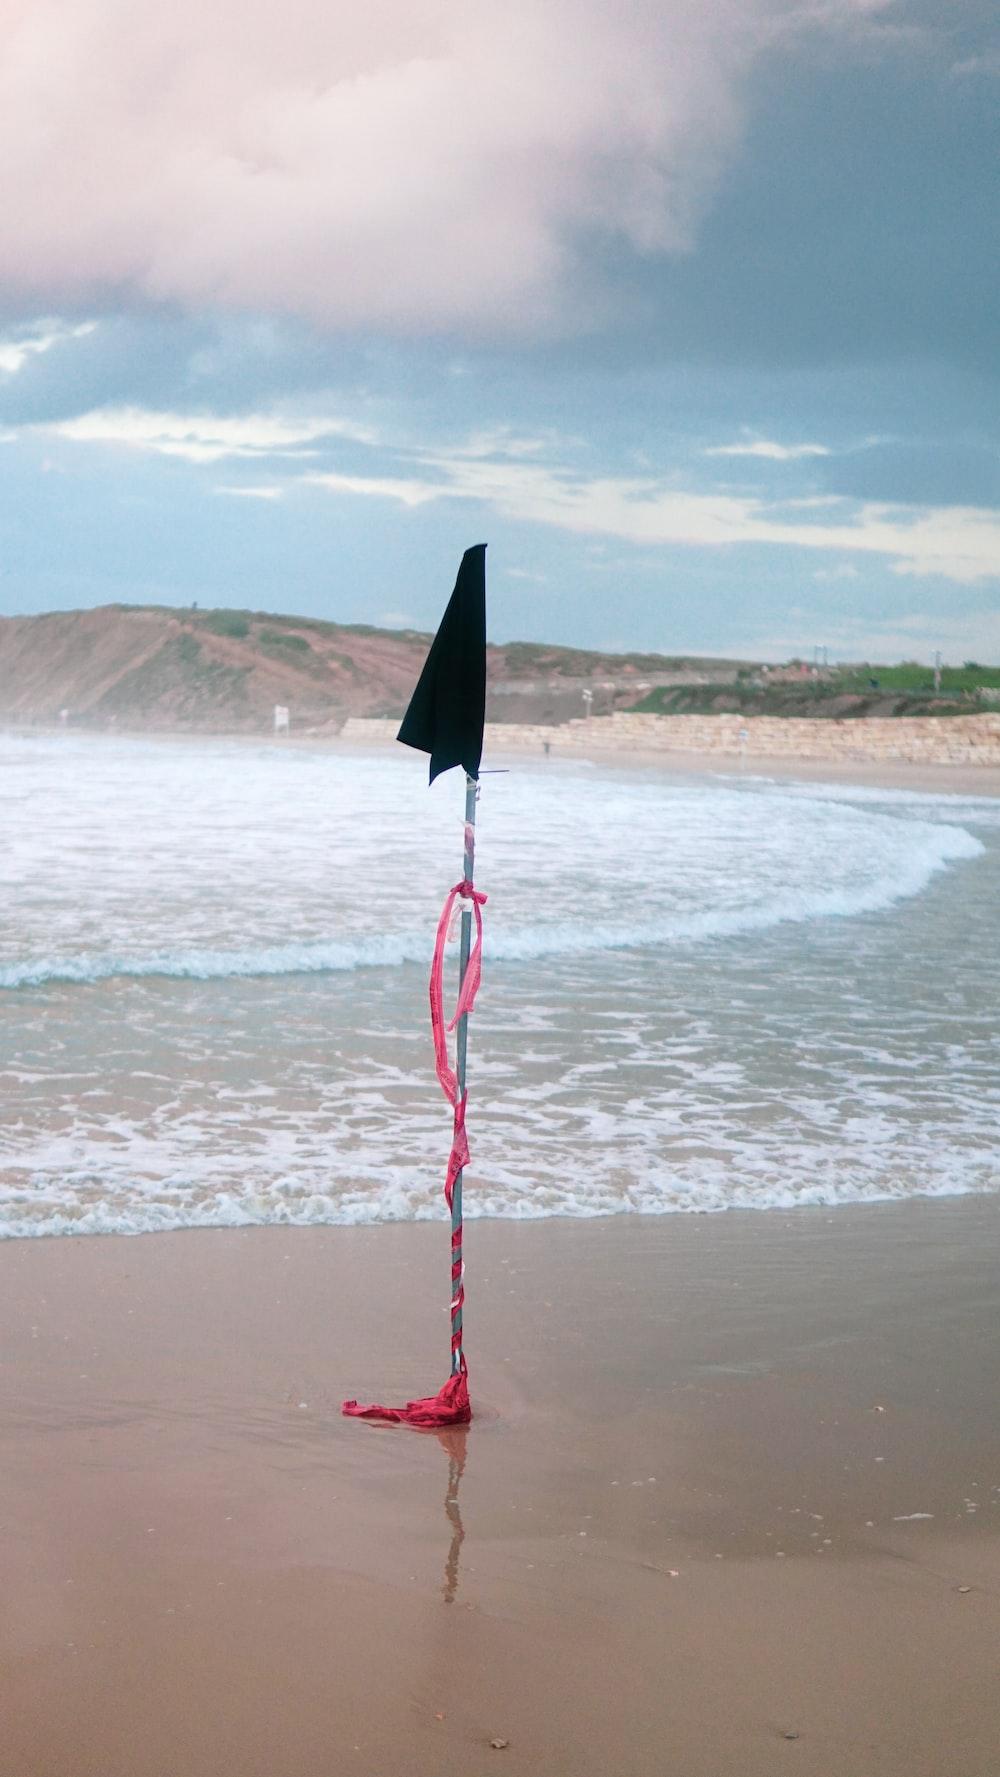 black flag on beach shore during daytime